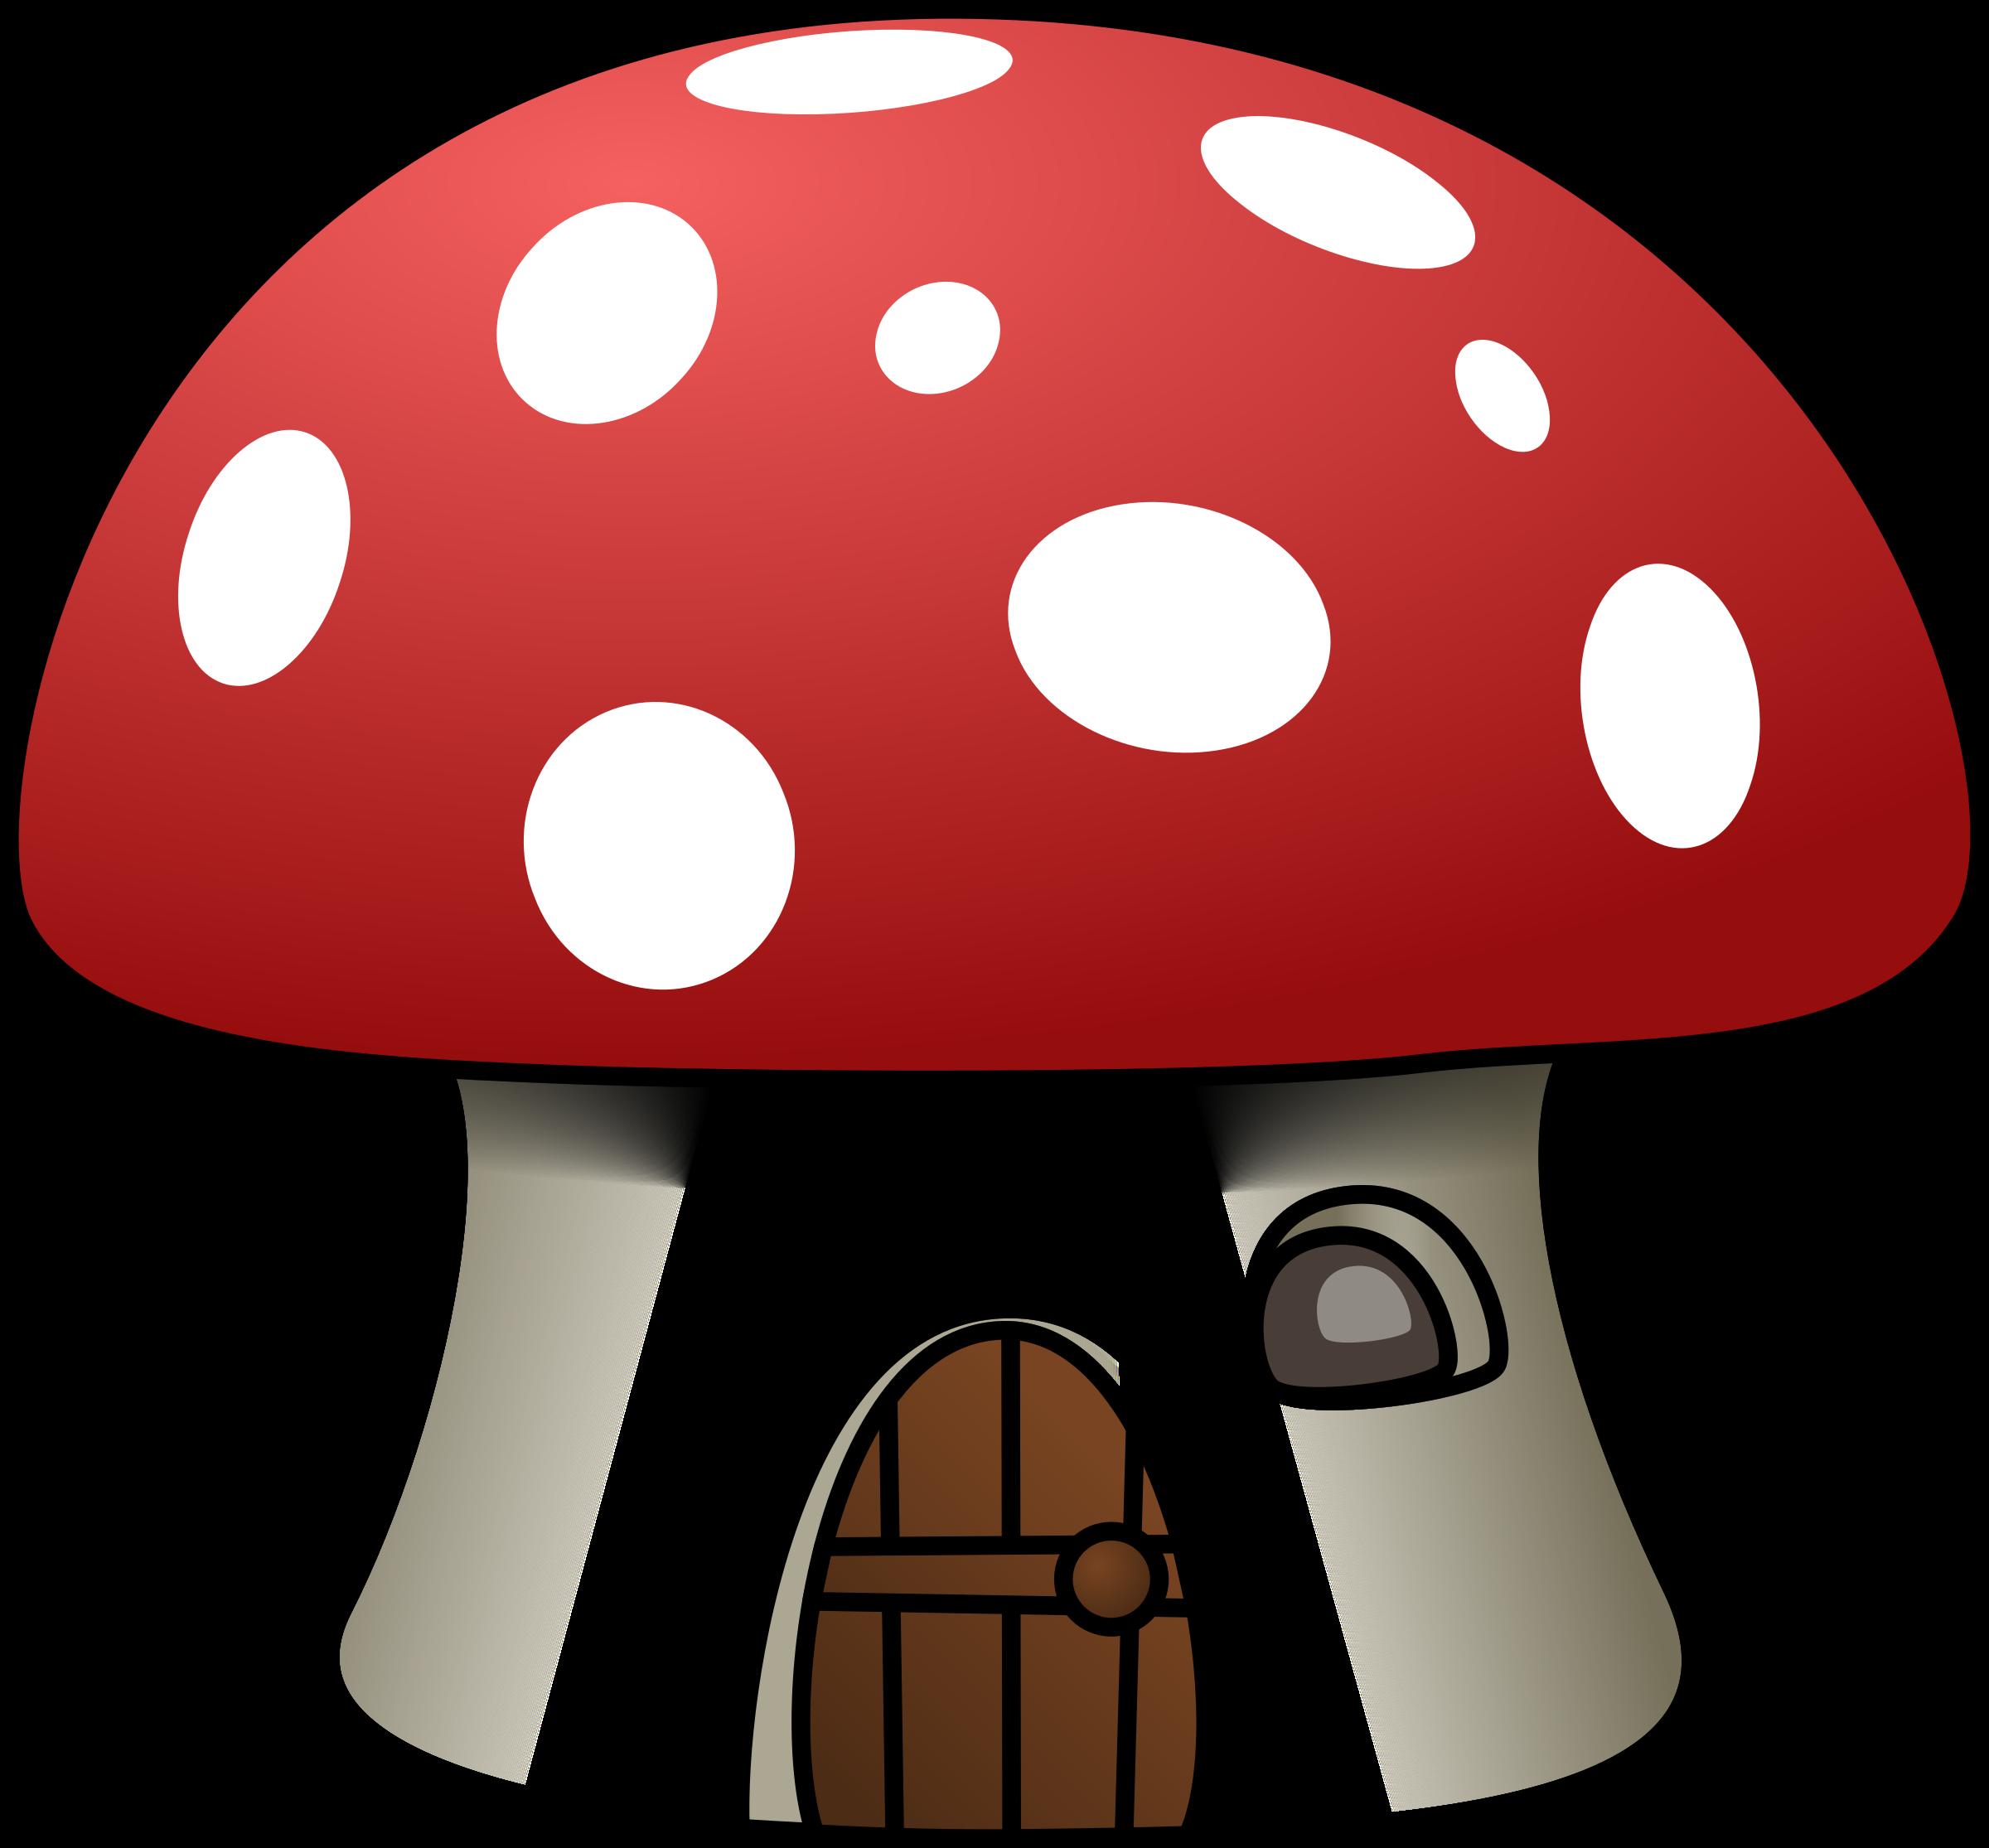 Mushroom house big image. Mushrooms clipart scenery